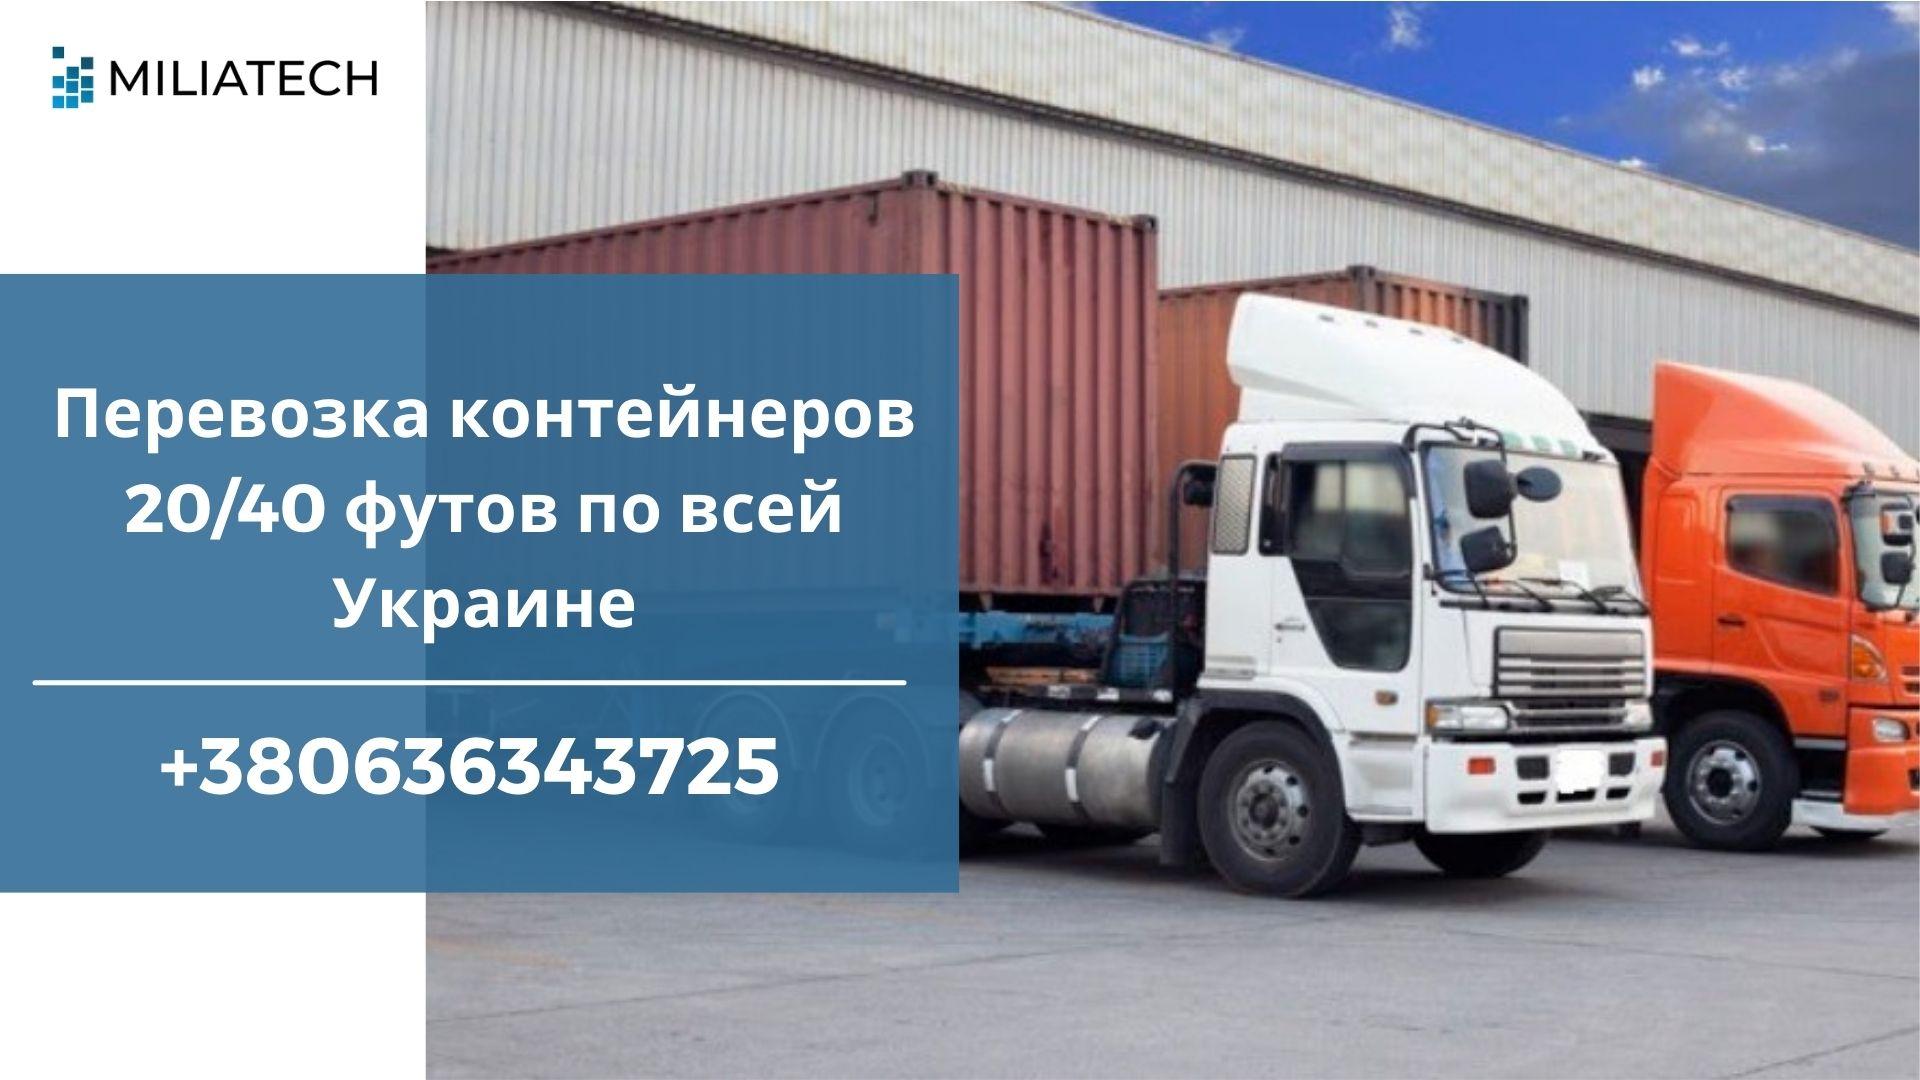 Услуги перевозки контейнеров / Полуприцеп контейнеровоз